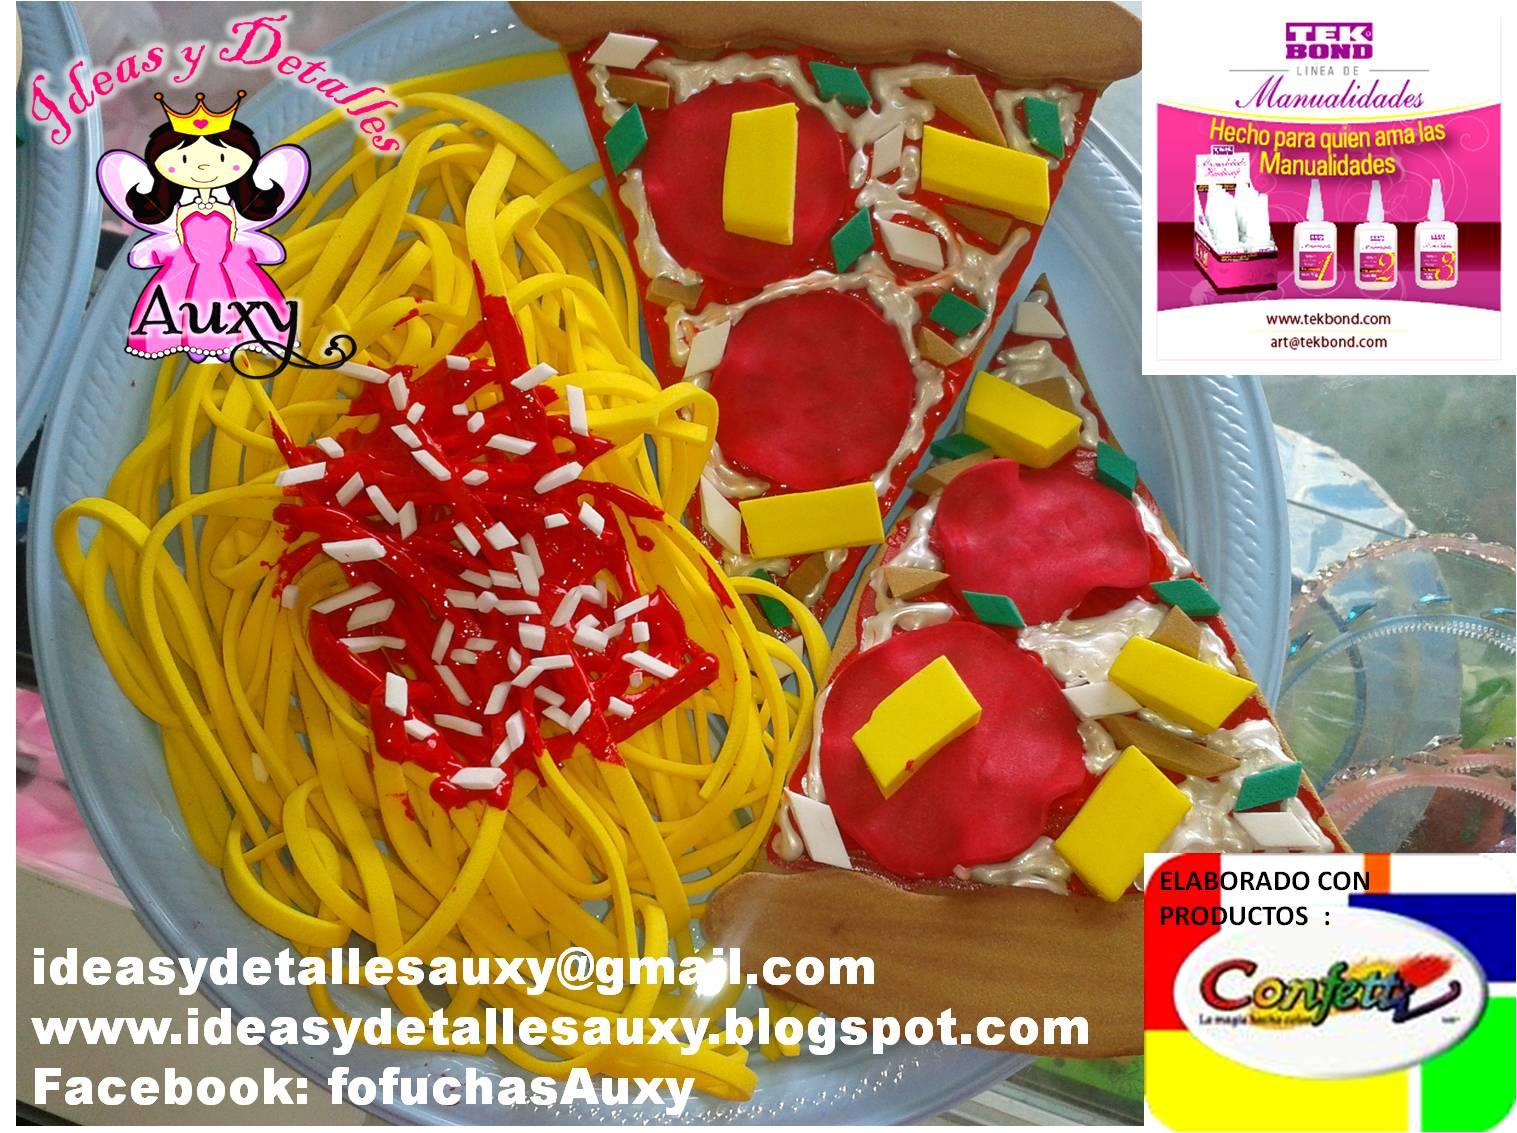 Ideas y detalles Auxy: COMIDA DE FOMI PIZZA Y ESPAGUETTI